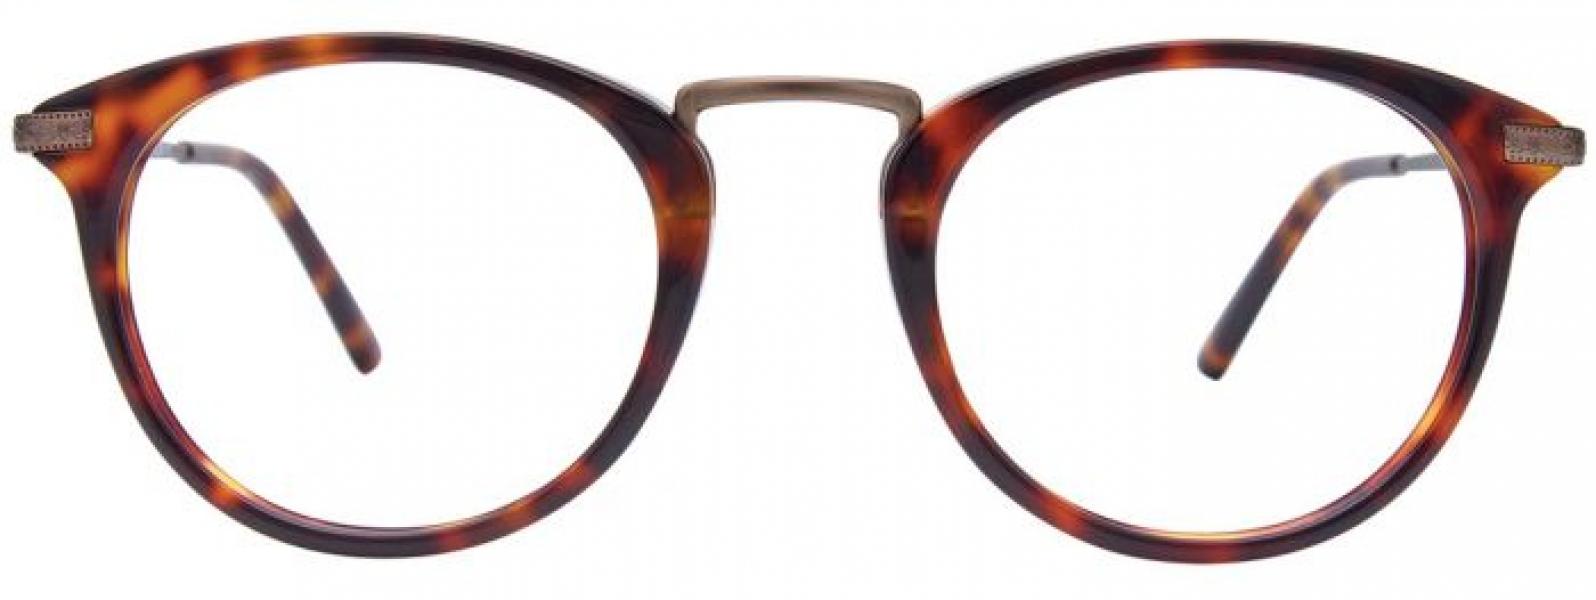 bb2689d335 Brand New EasyClip EC485 Eye Glass Frames